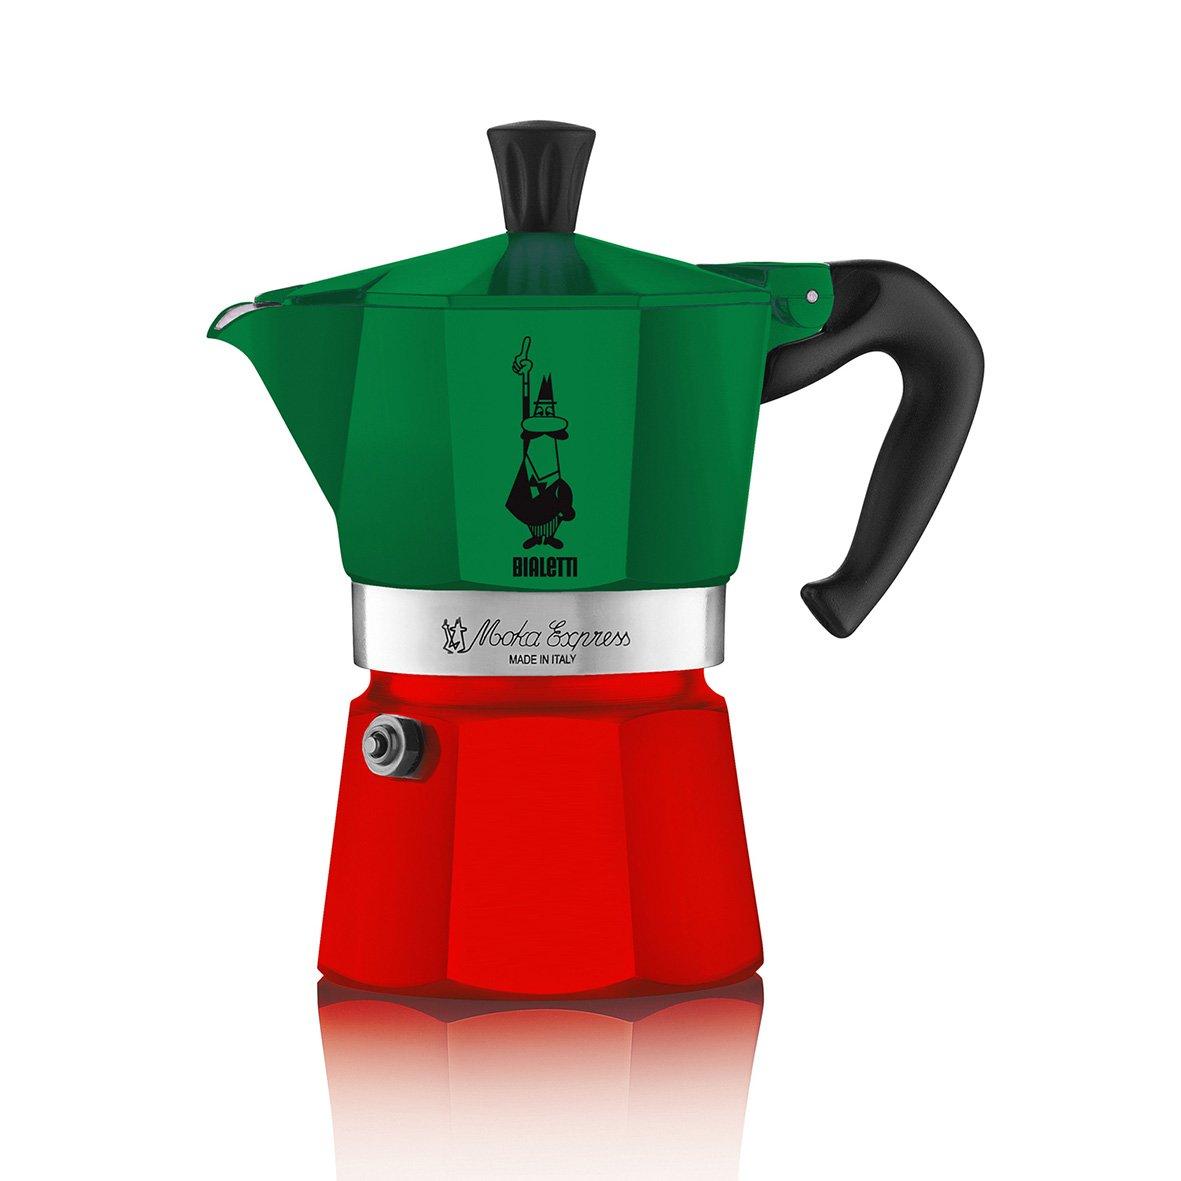 Bialetti 0005323 6-Cup Espresso Stovetop Coffee Maker, Tricolore, Tricolore